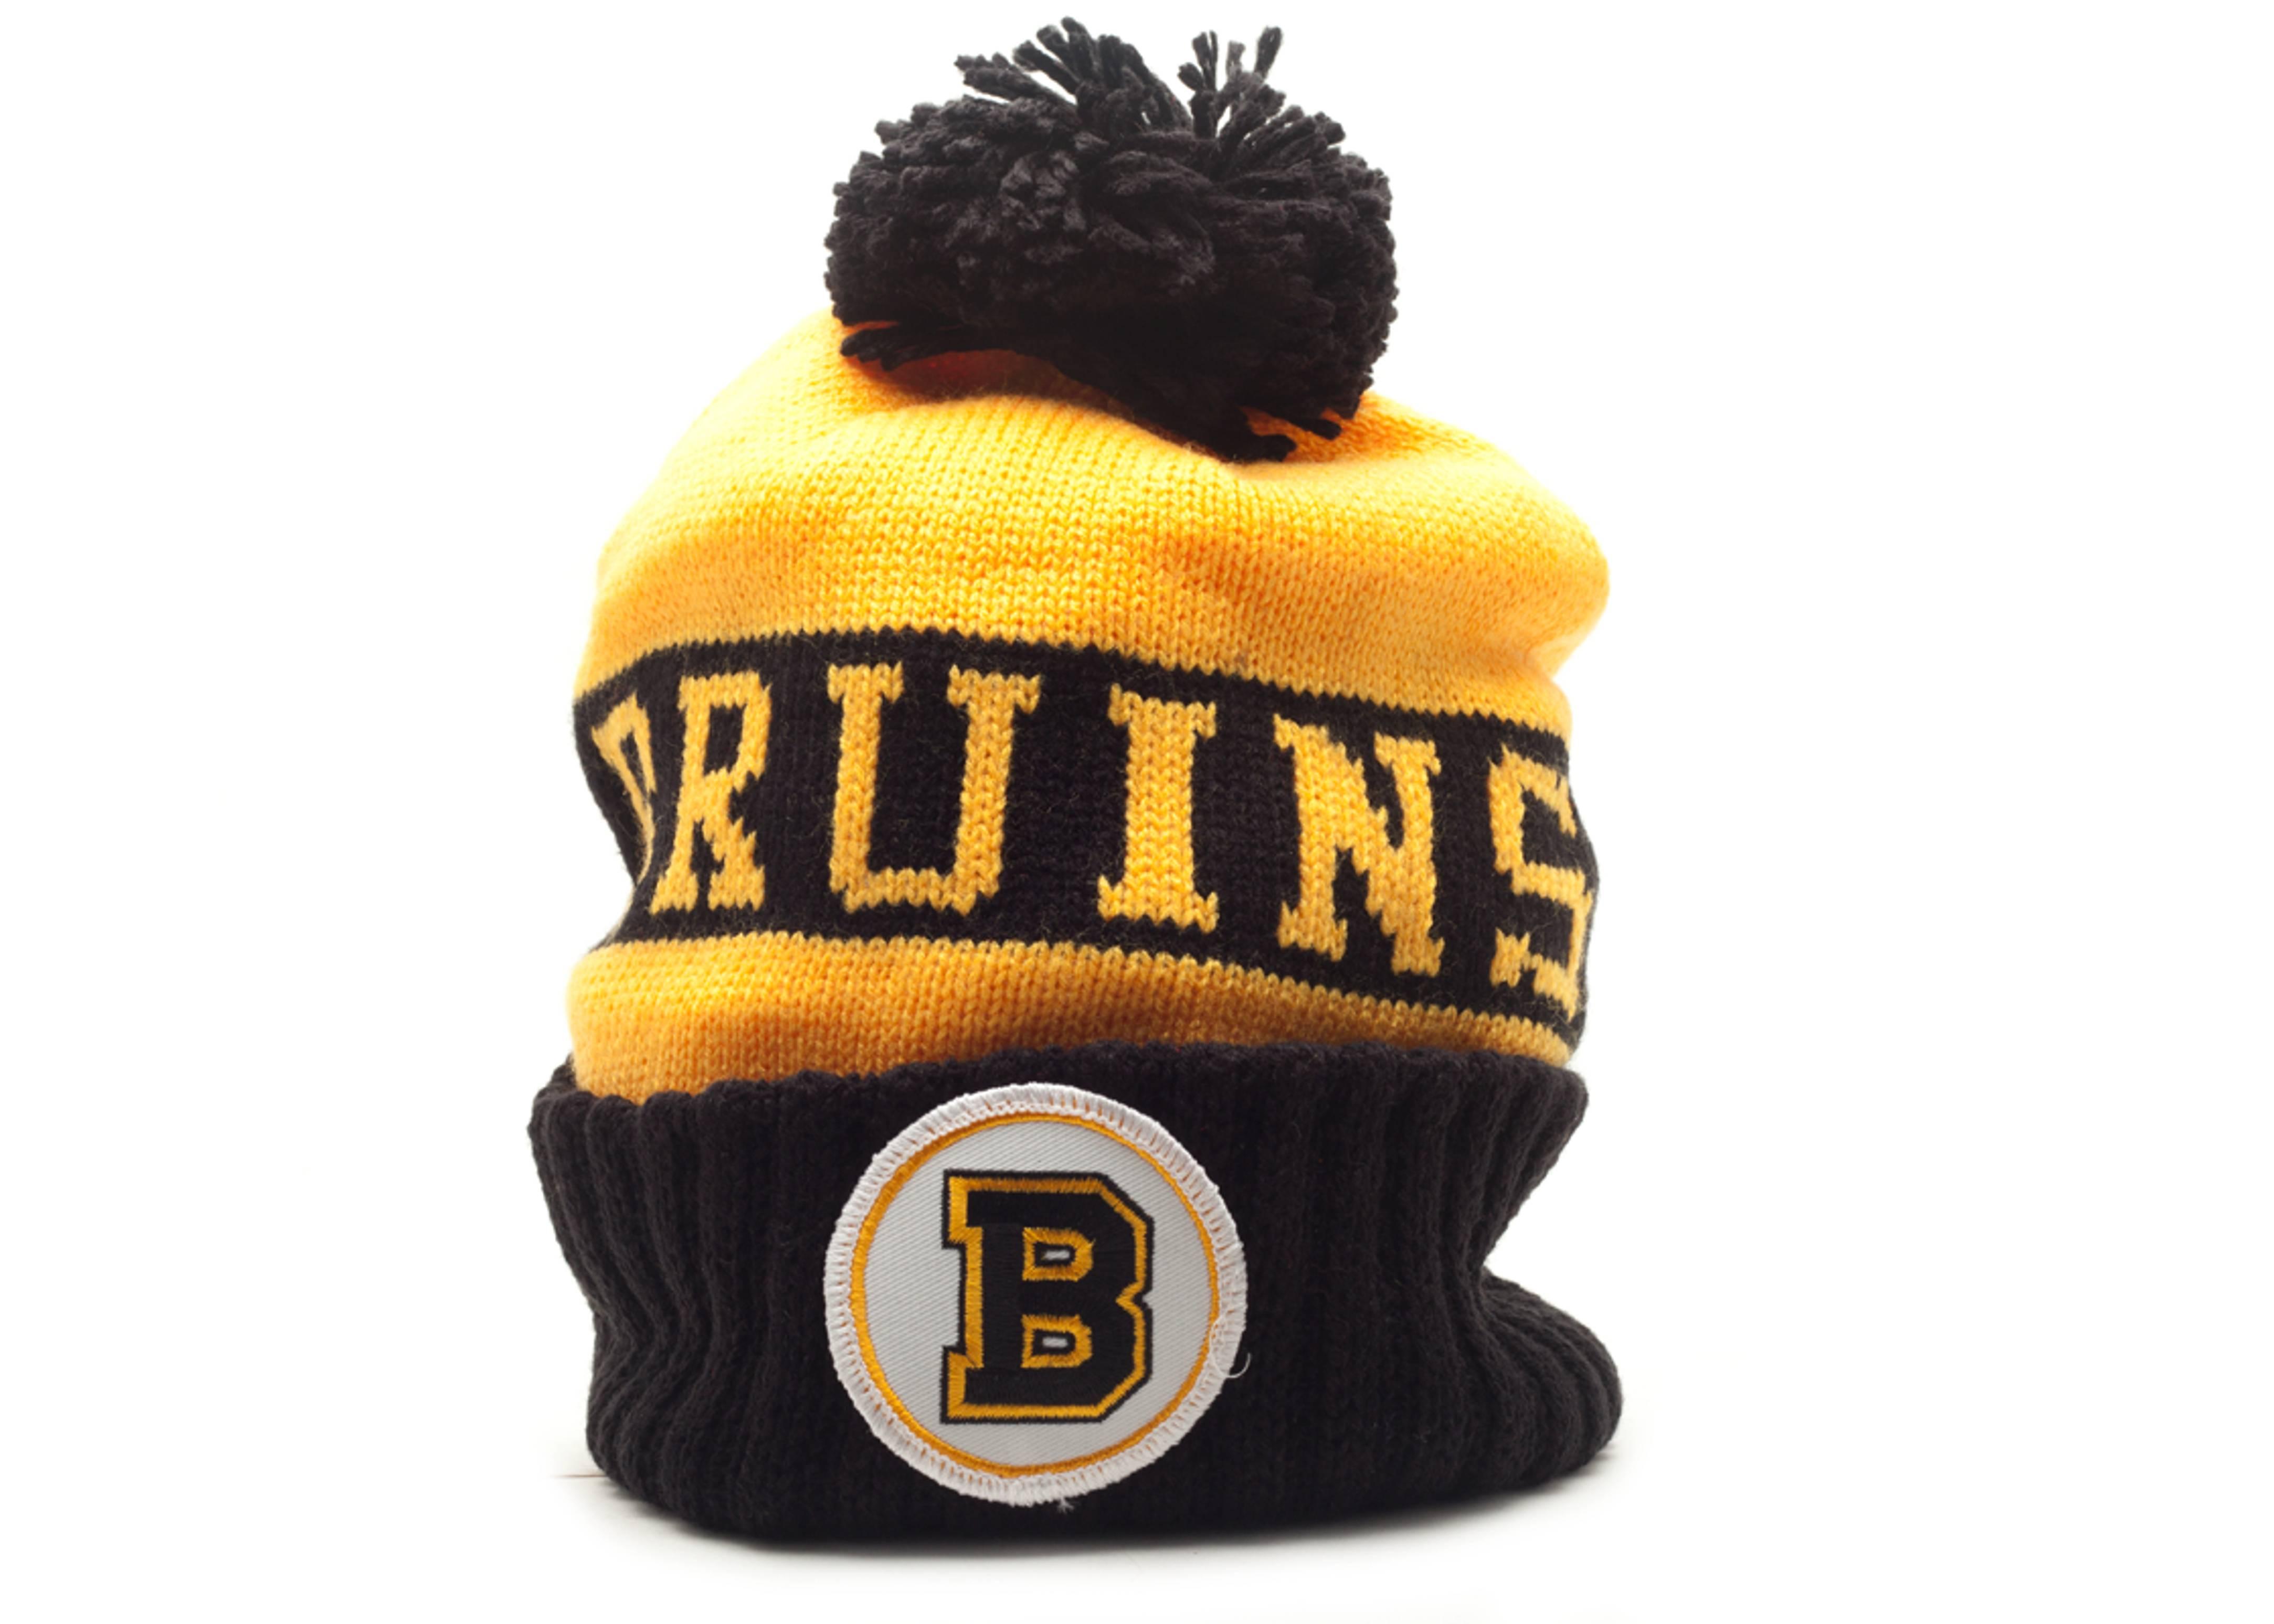 837fe1737c3 Boston Bruins Beanie - Mitchell   Ness - kb52mtc7bruin - yellow ...